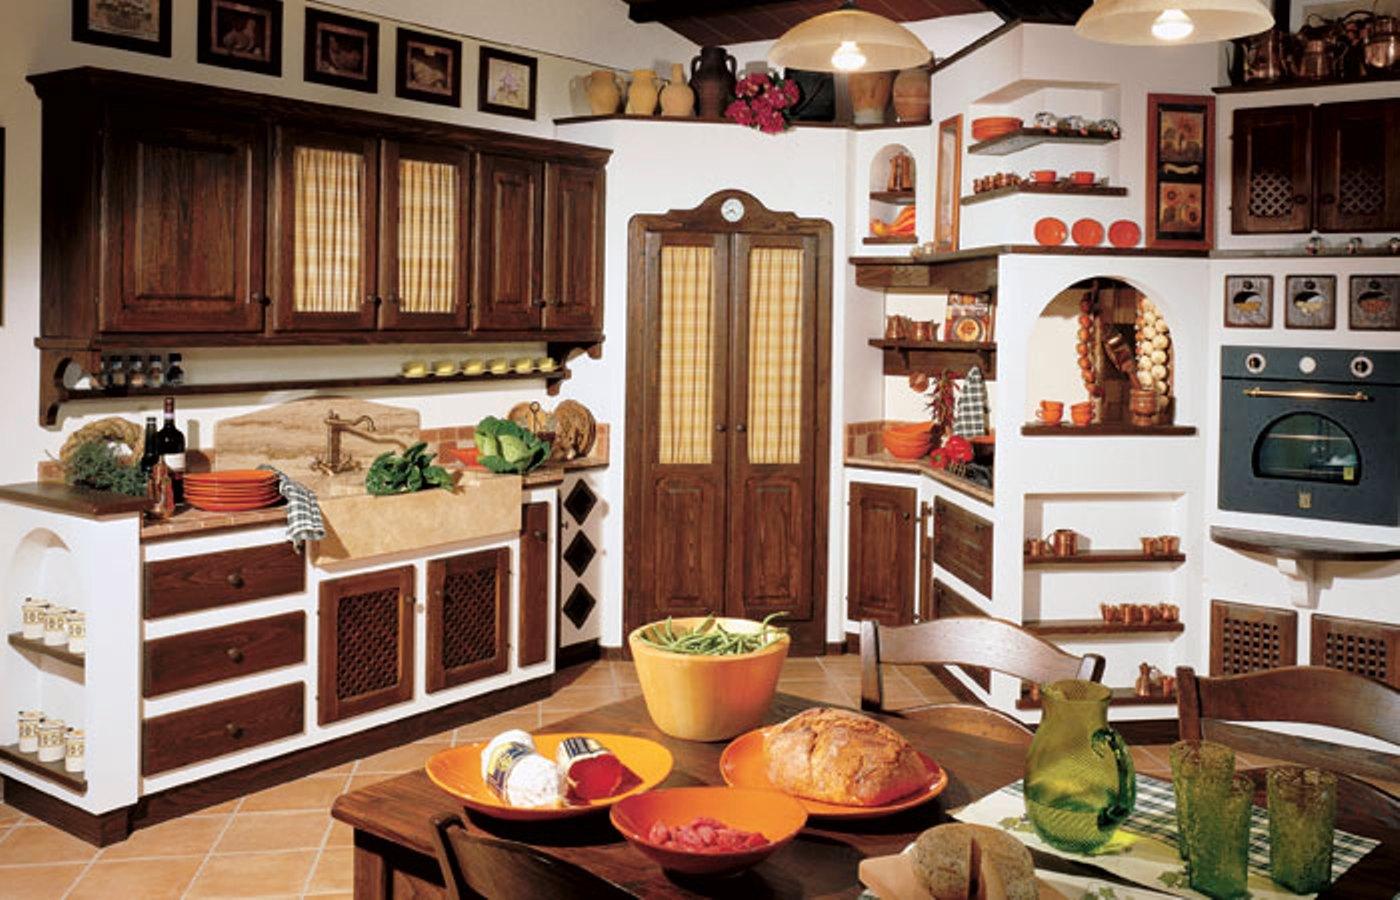 Cucina in muratura - Mobili per cucine in muratura fai da te ...